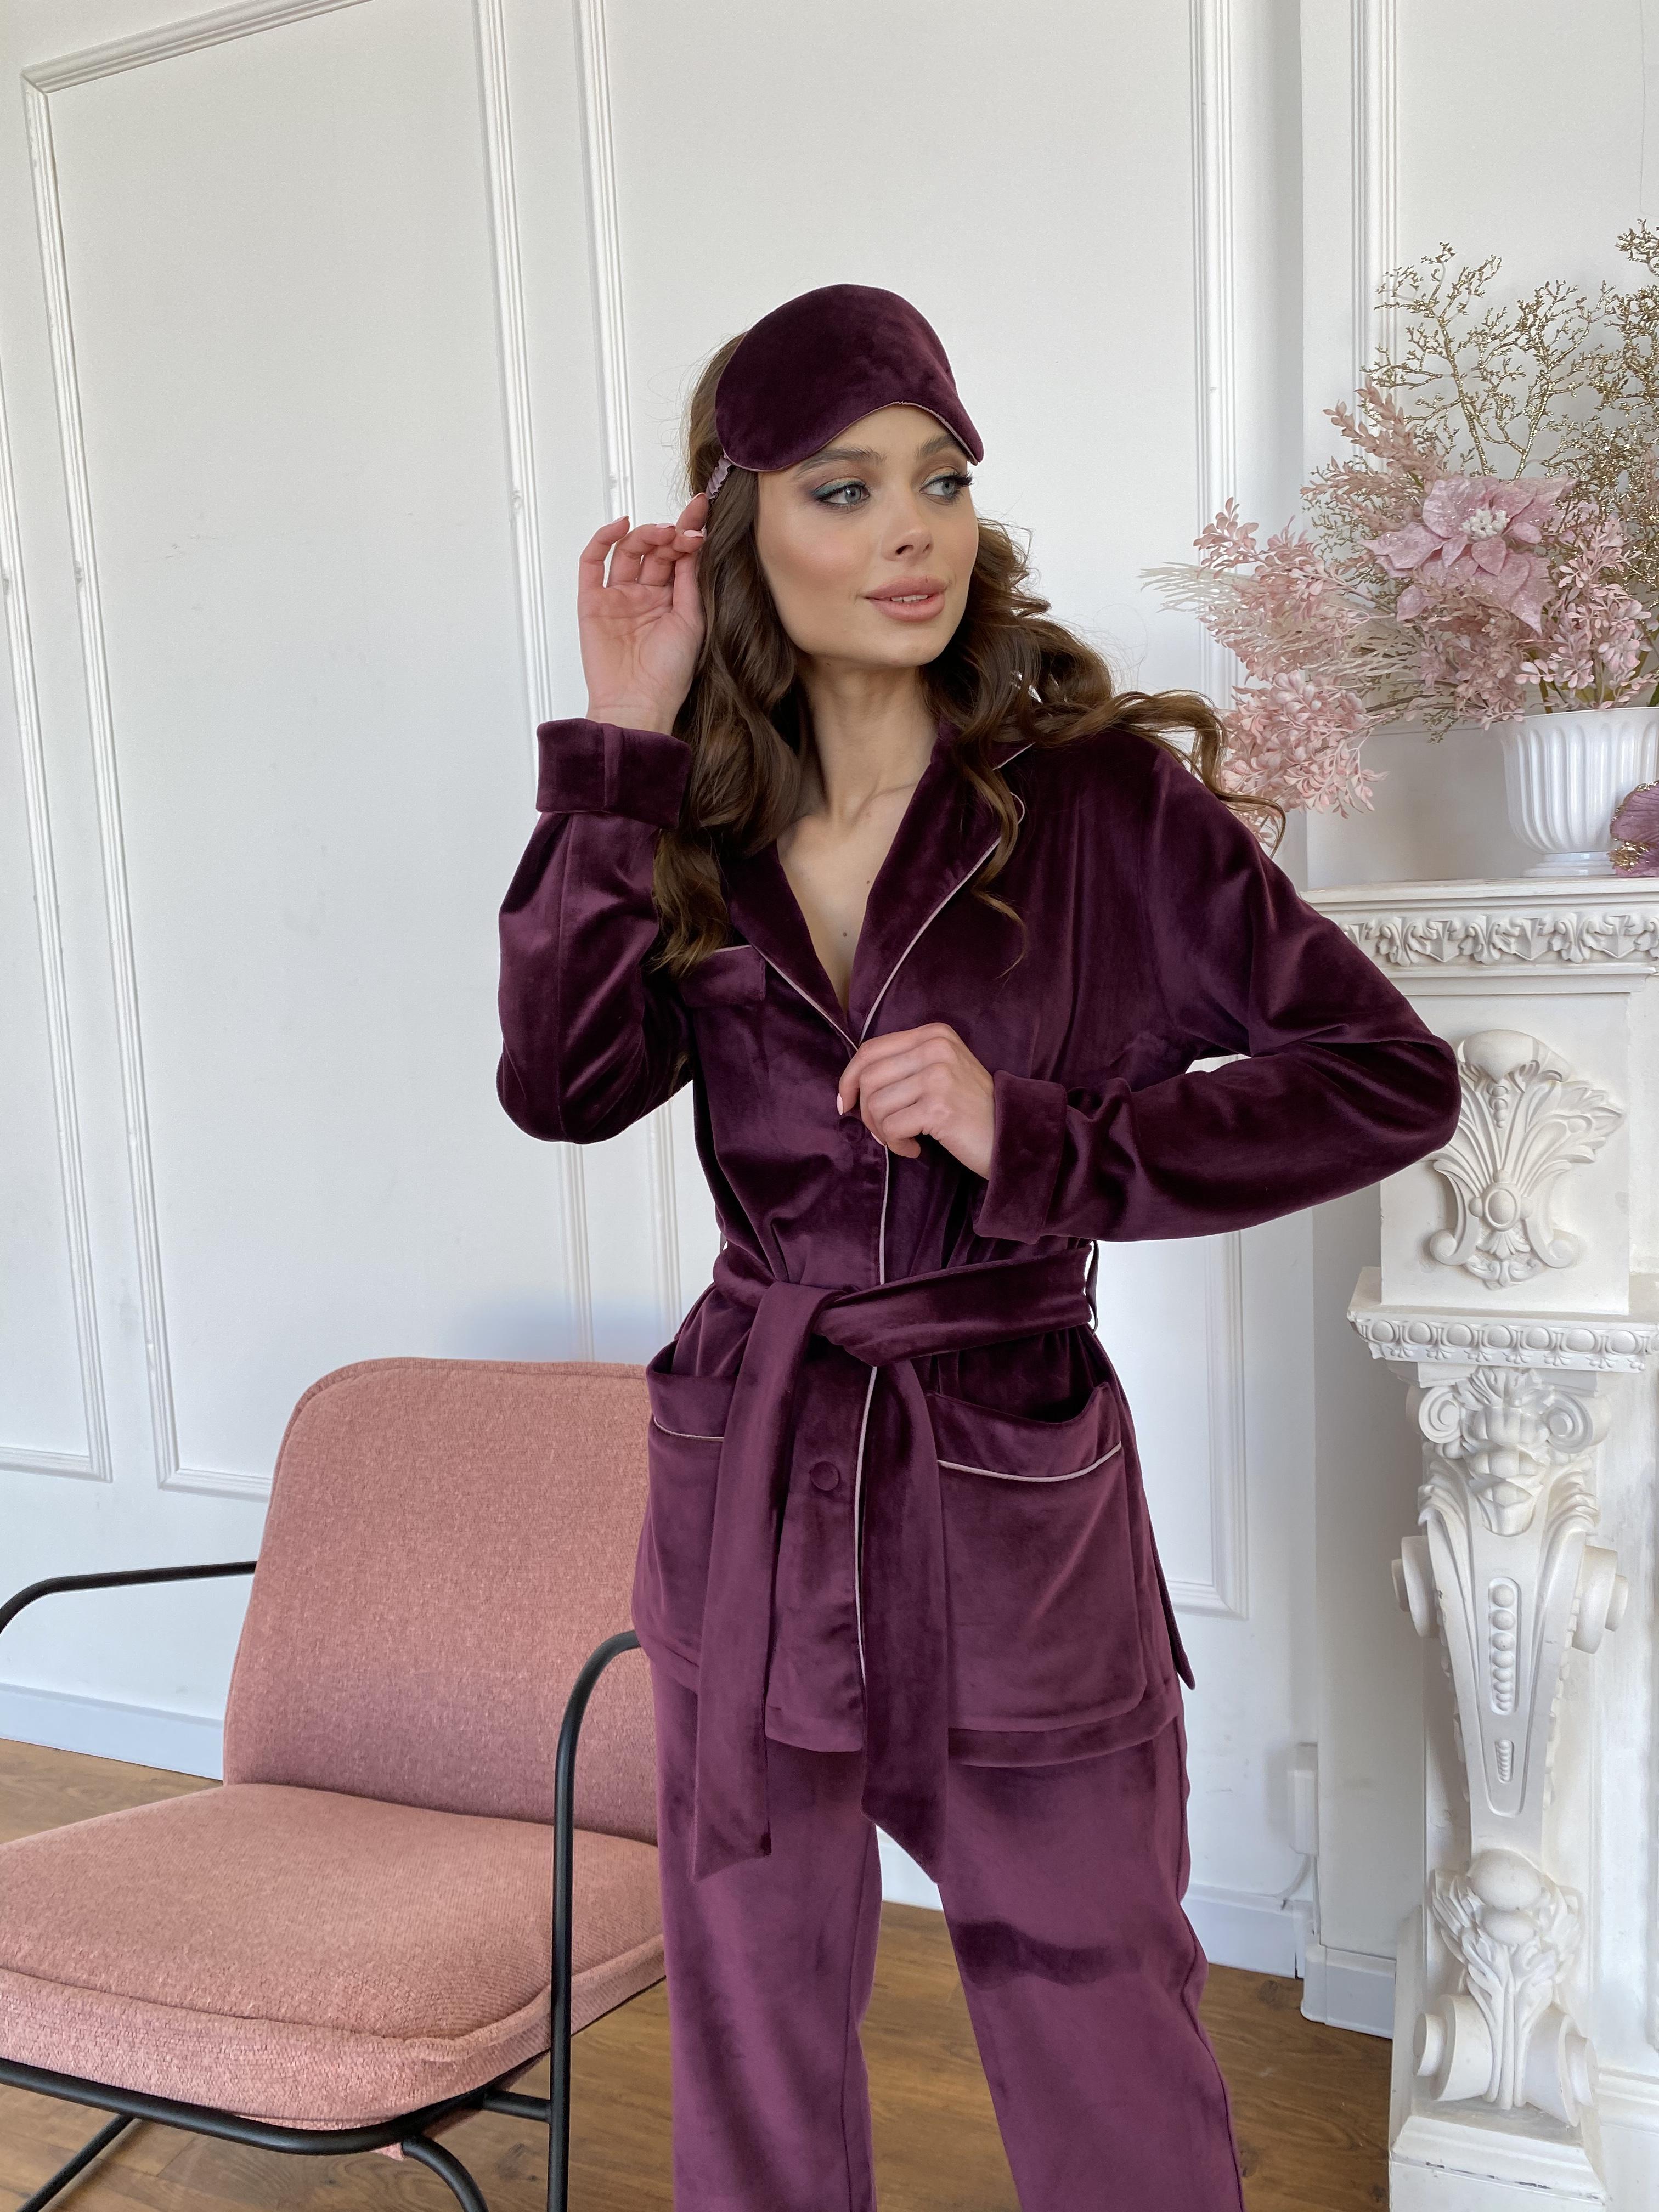 Шайн пижама велюр жакет брюки маска для сна 10353 АРТ. 46701 Цвет: Марсала - фото 5, интернет магазин tm-modus.ru